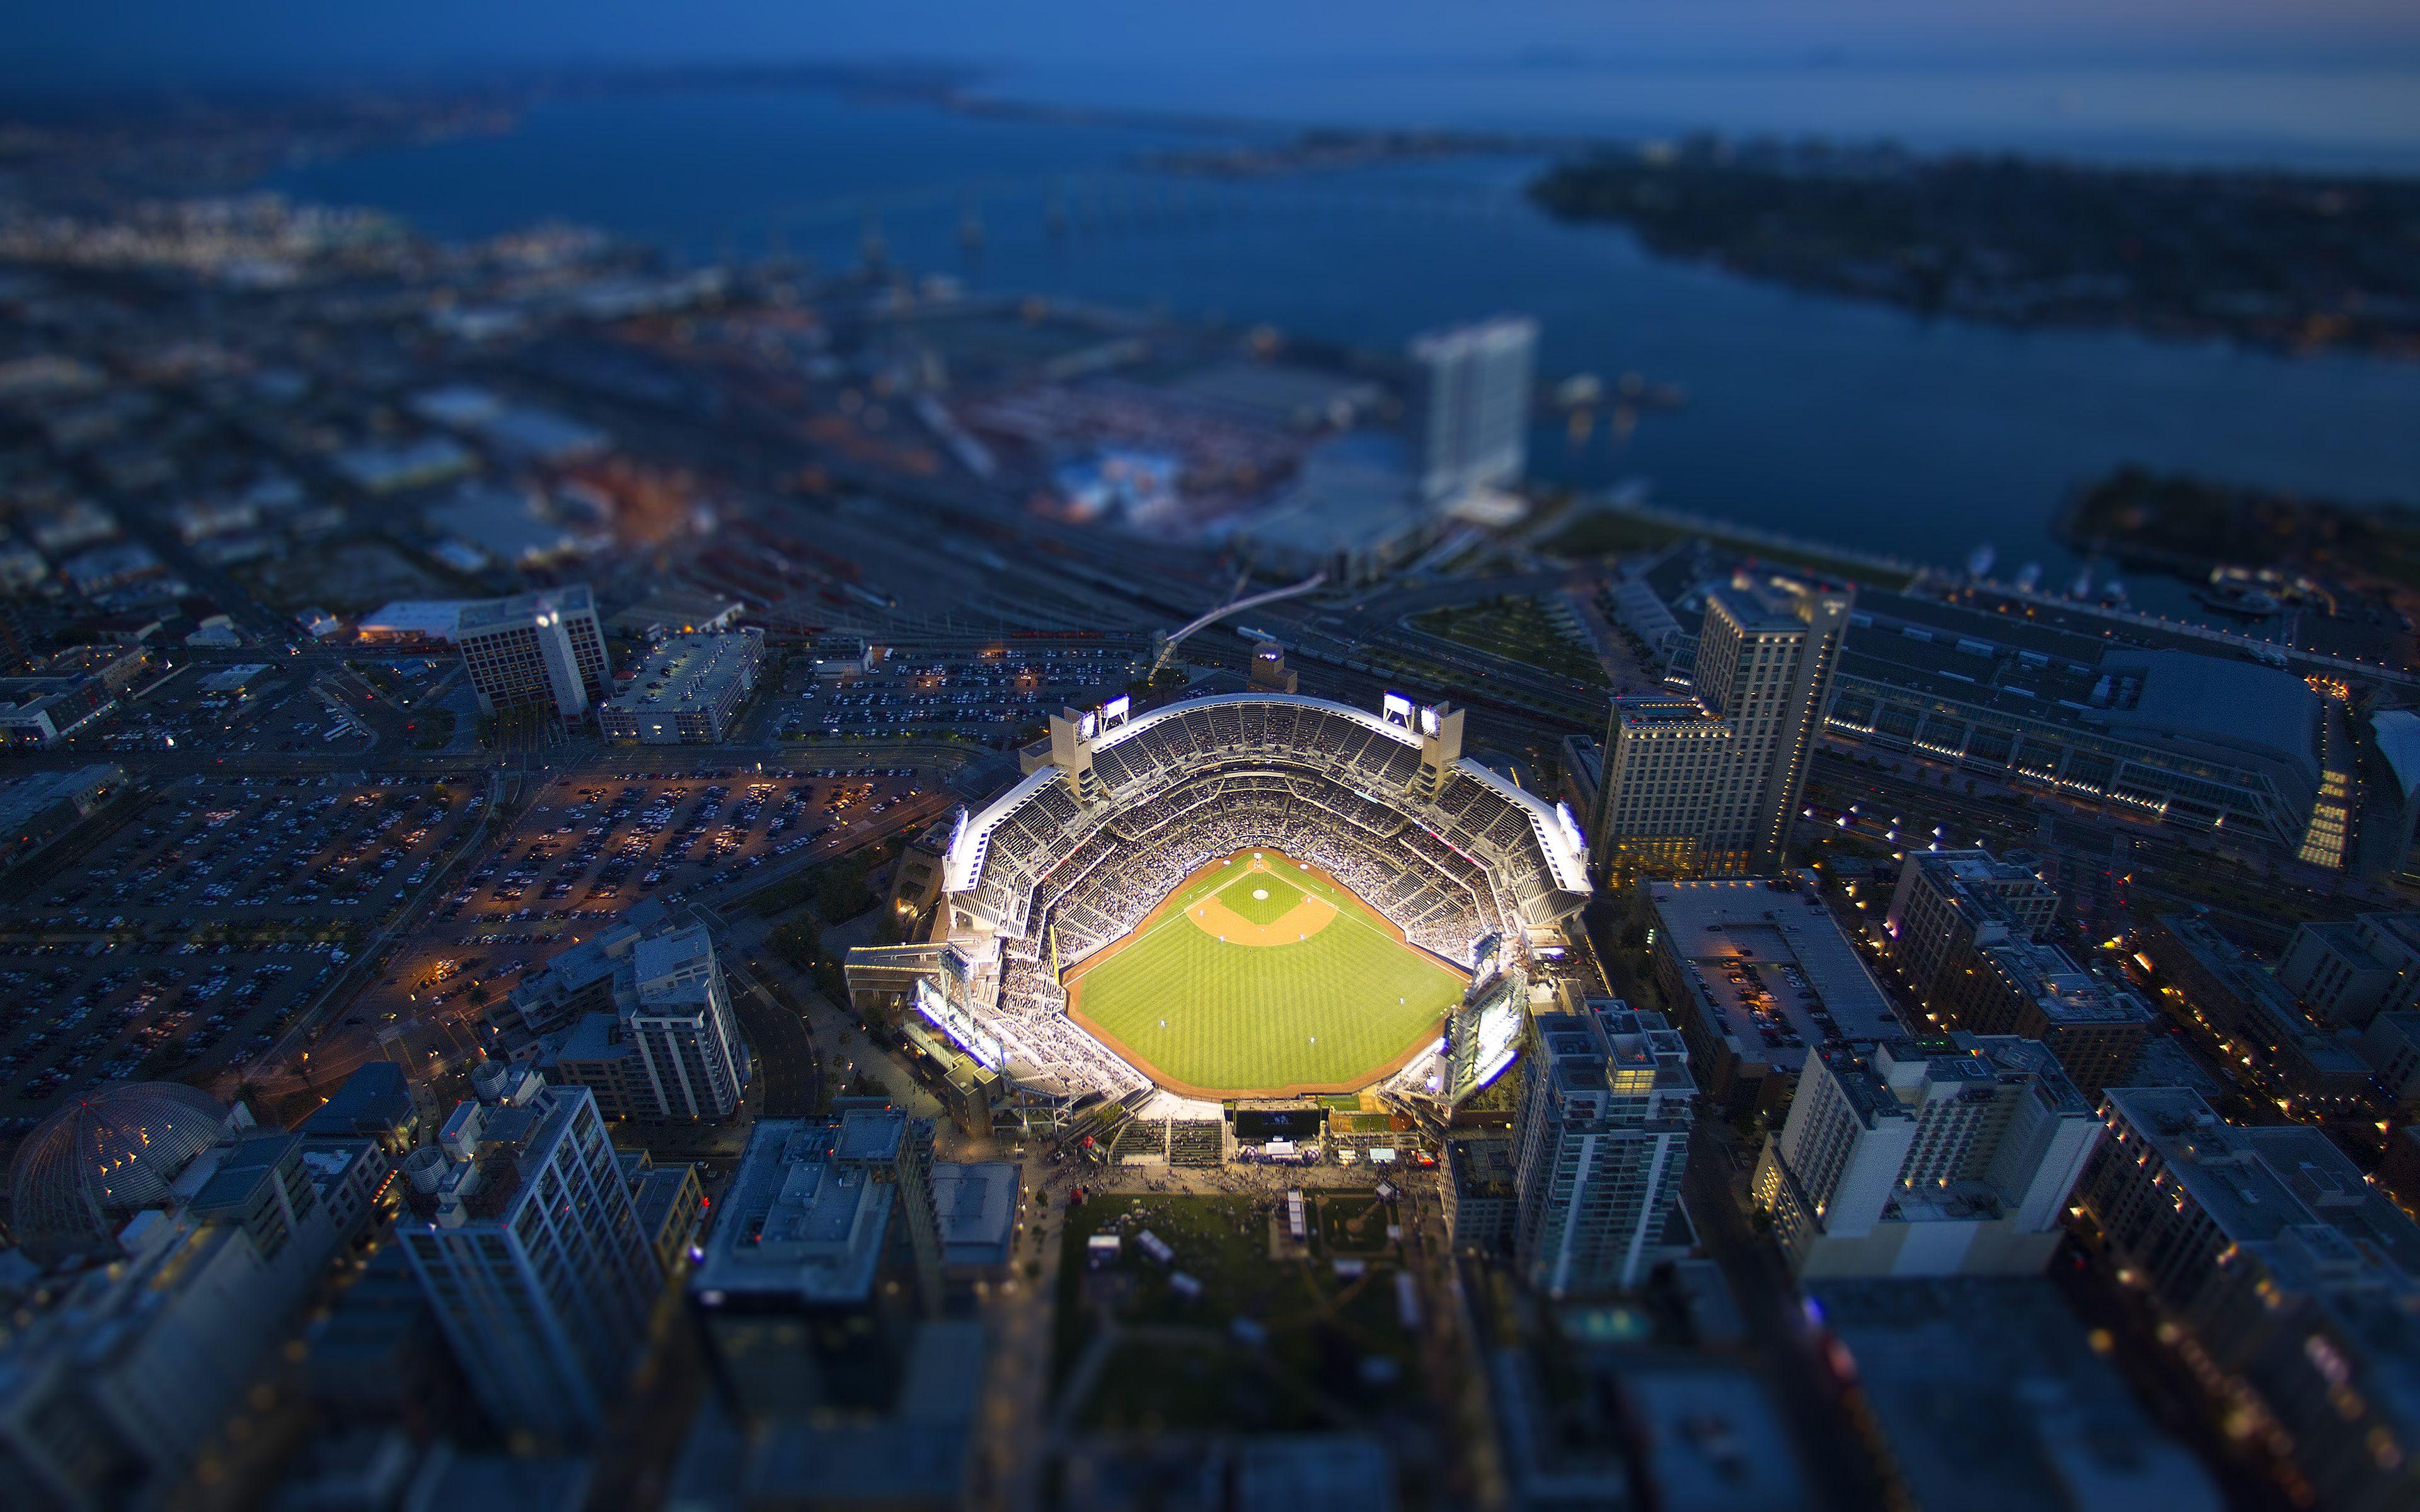 San Diego Padres Ballpark Petco Park San Diego California Wallpaper Petco Park San Diego Padres California Wallpaper